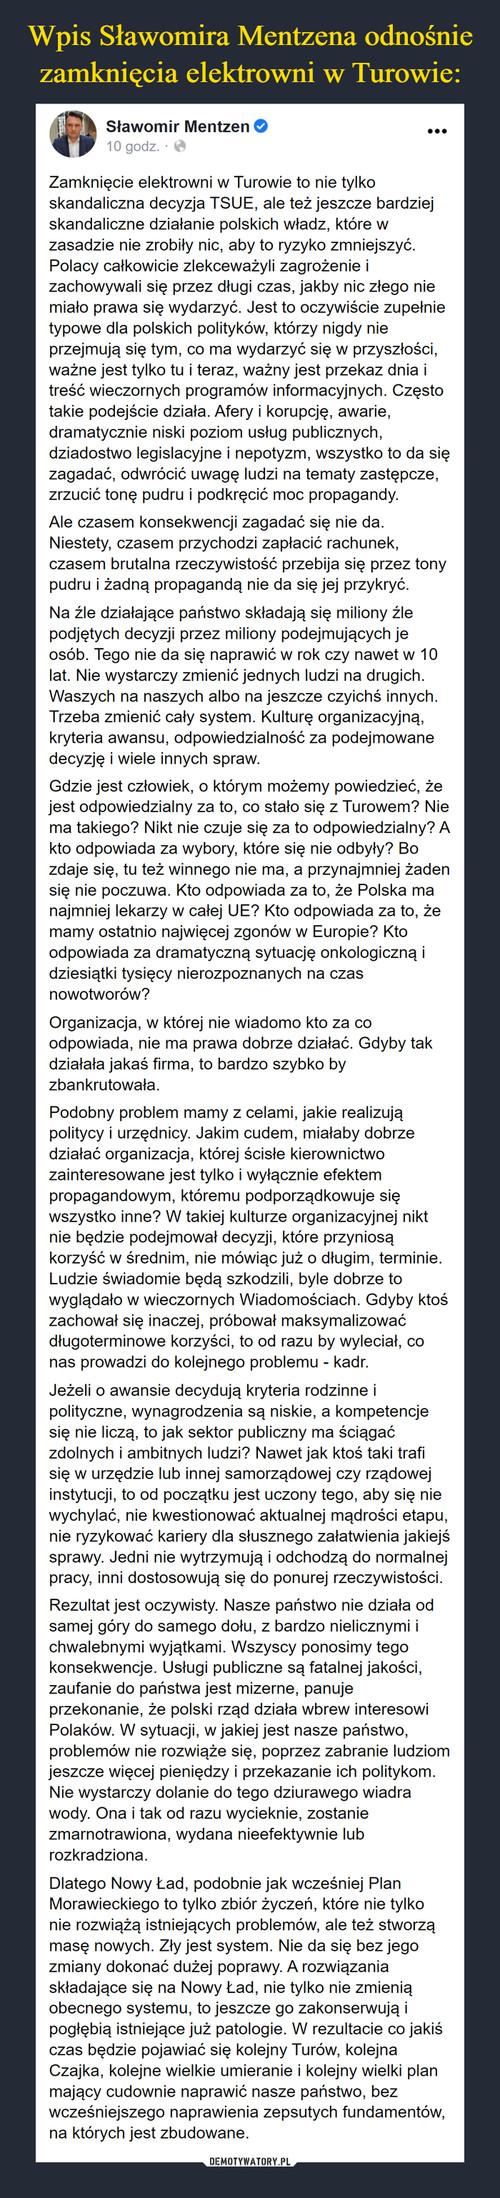 Wpis Sławomira Mentzena odnośnie zamknięcia elektrowni w Turowie: